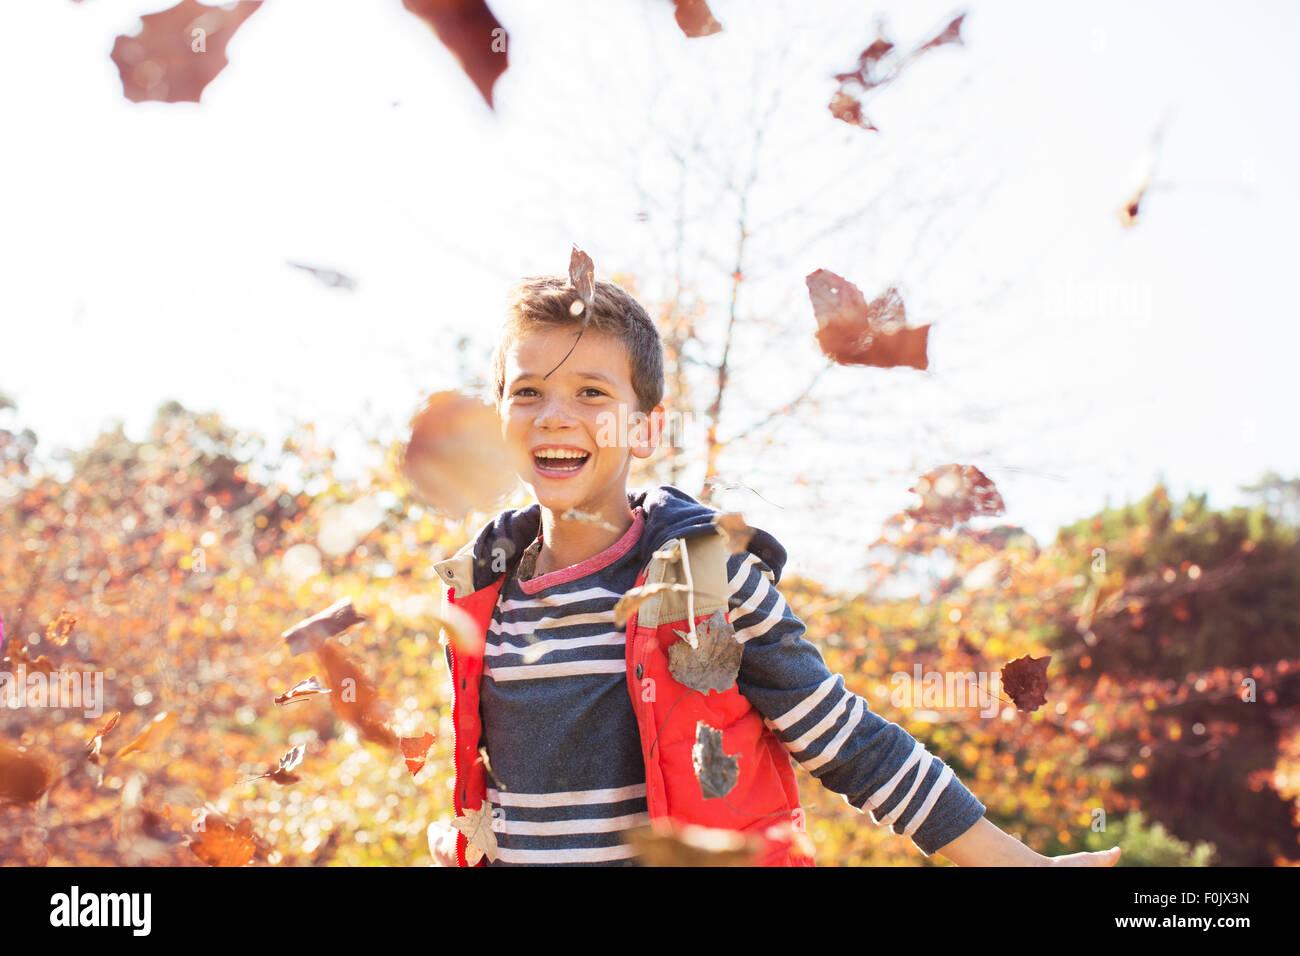 Porträt von begeisterten jungen werfen Herbst Blätter Stockbild